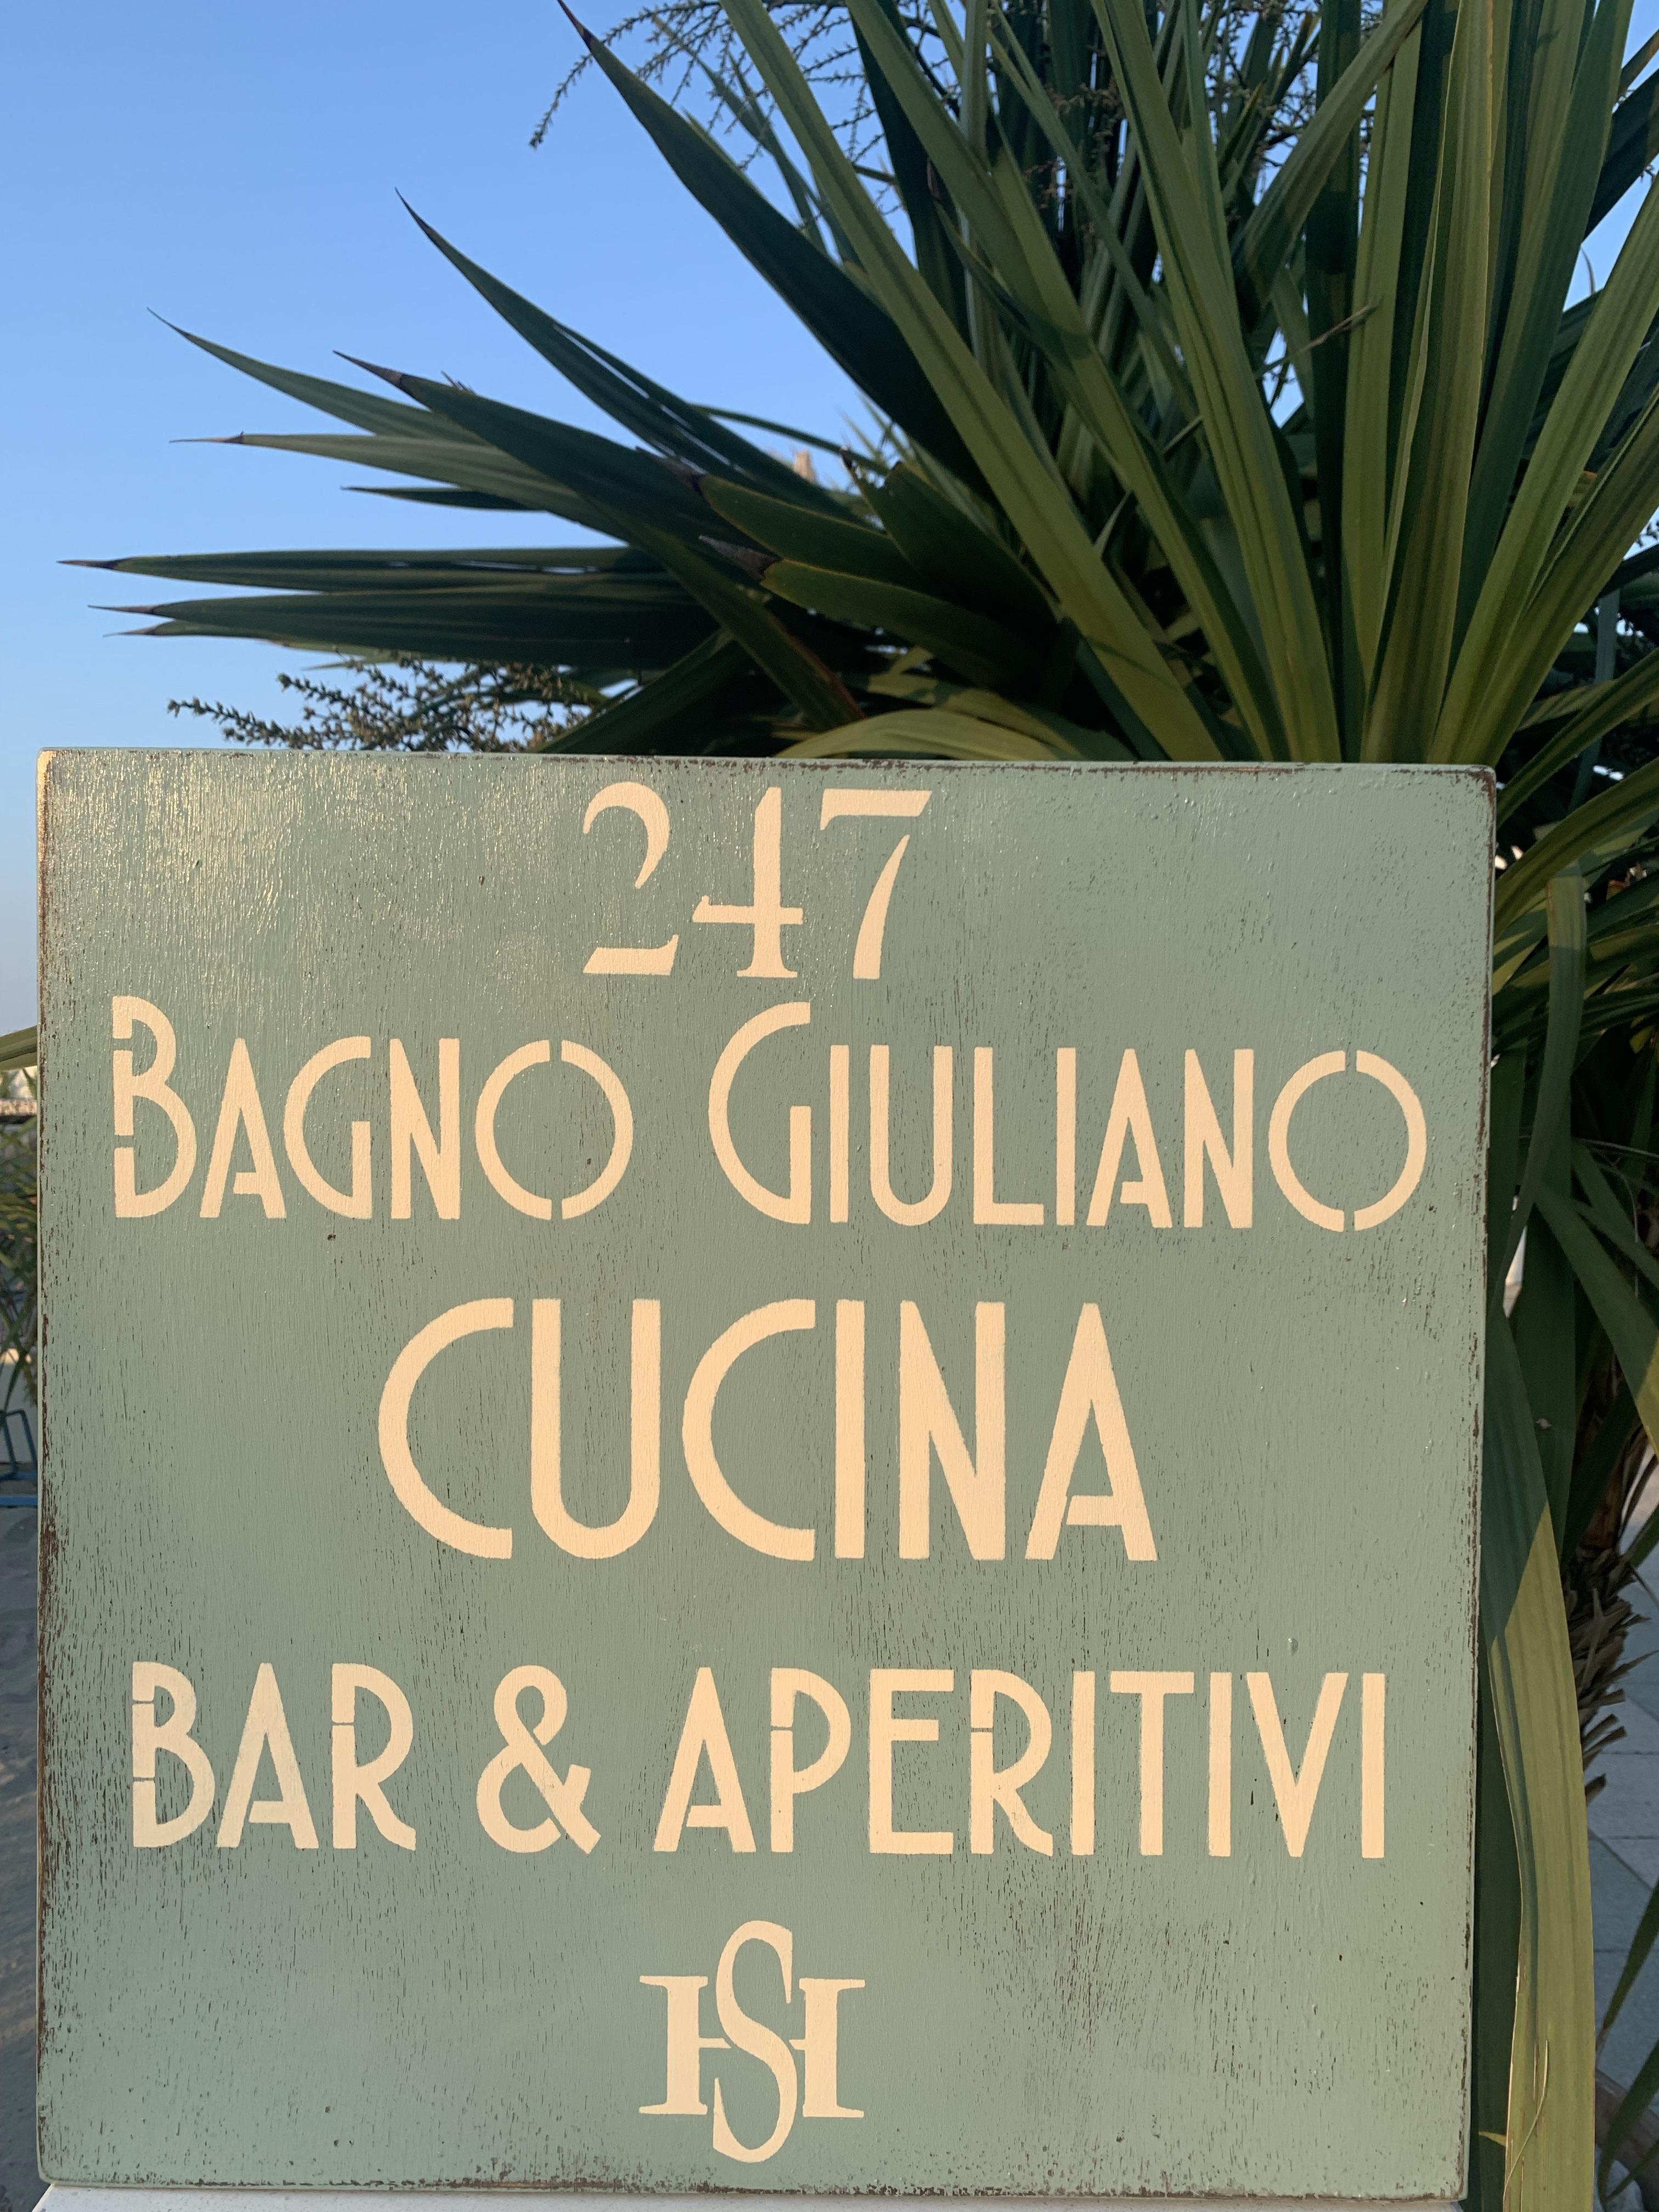 bagno giuliano247 sul lungomare di milano marittima cucina bar e aperitivi sulla spiaggia